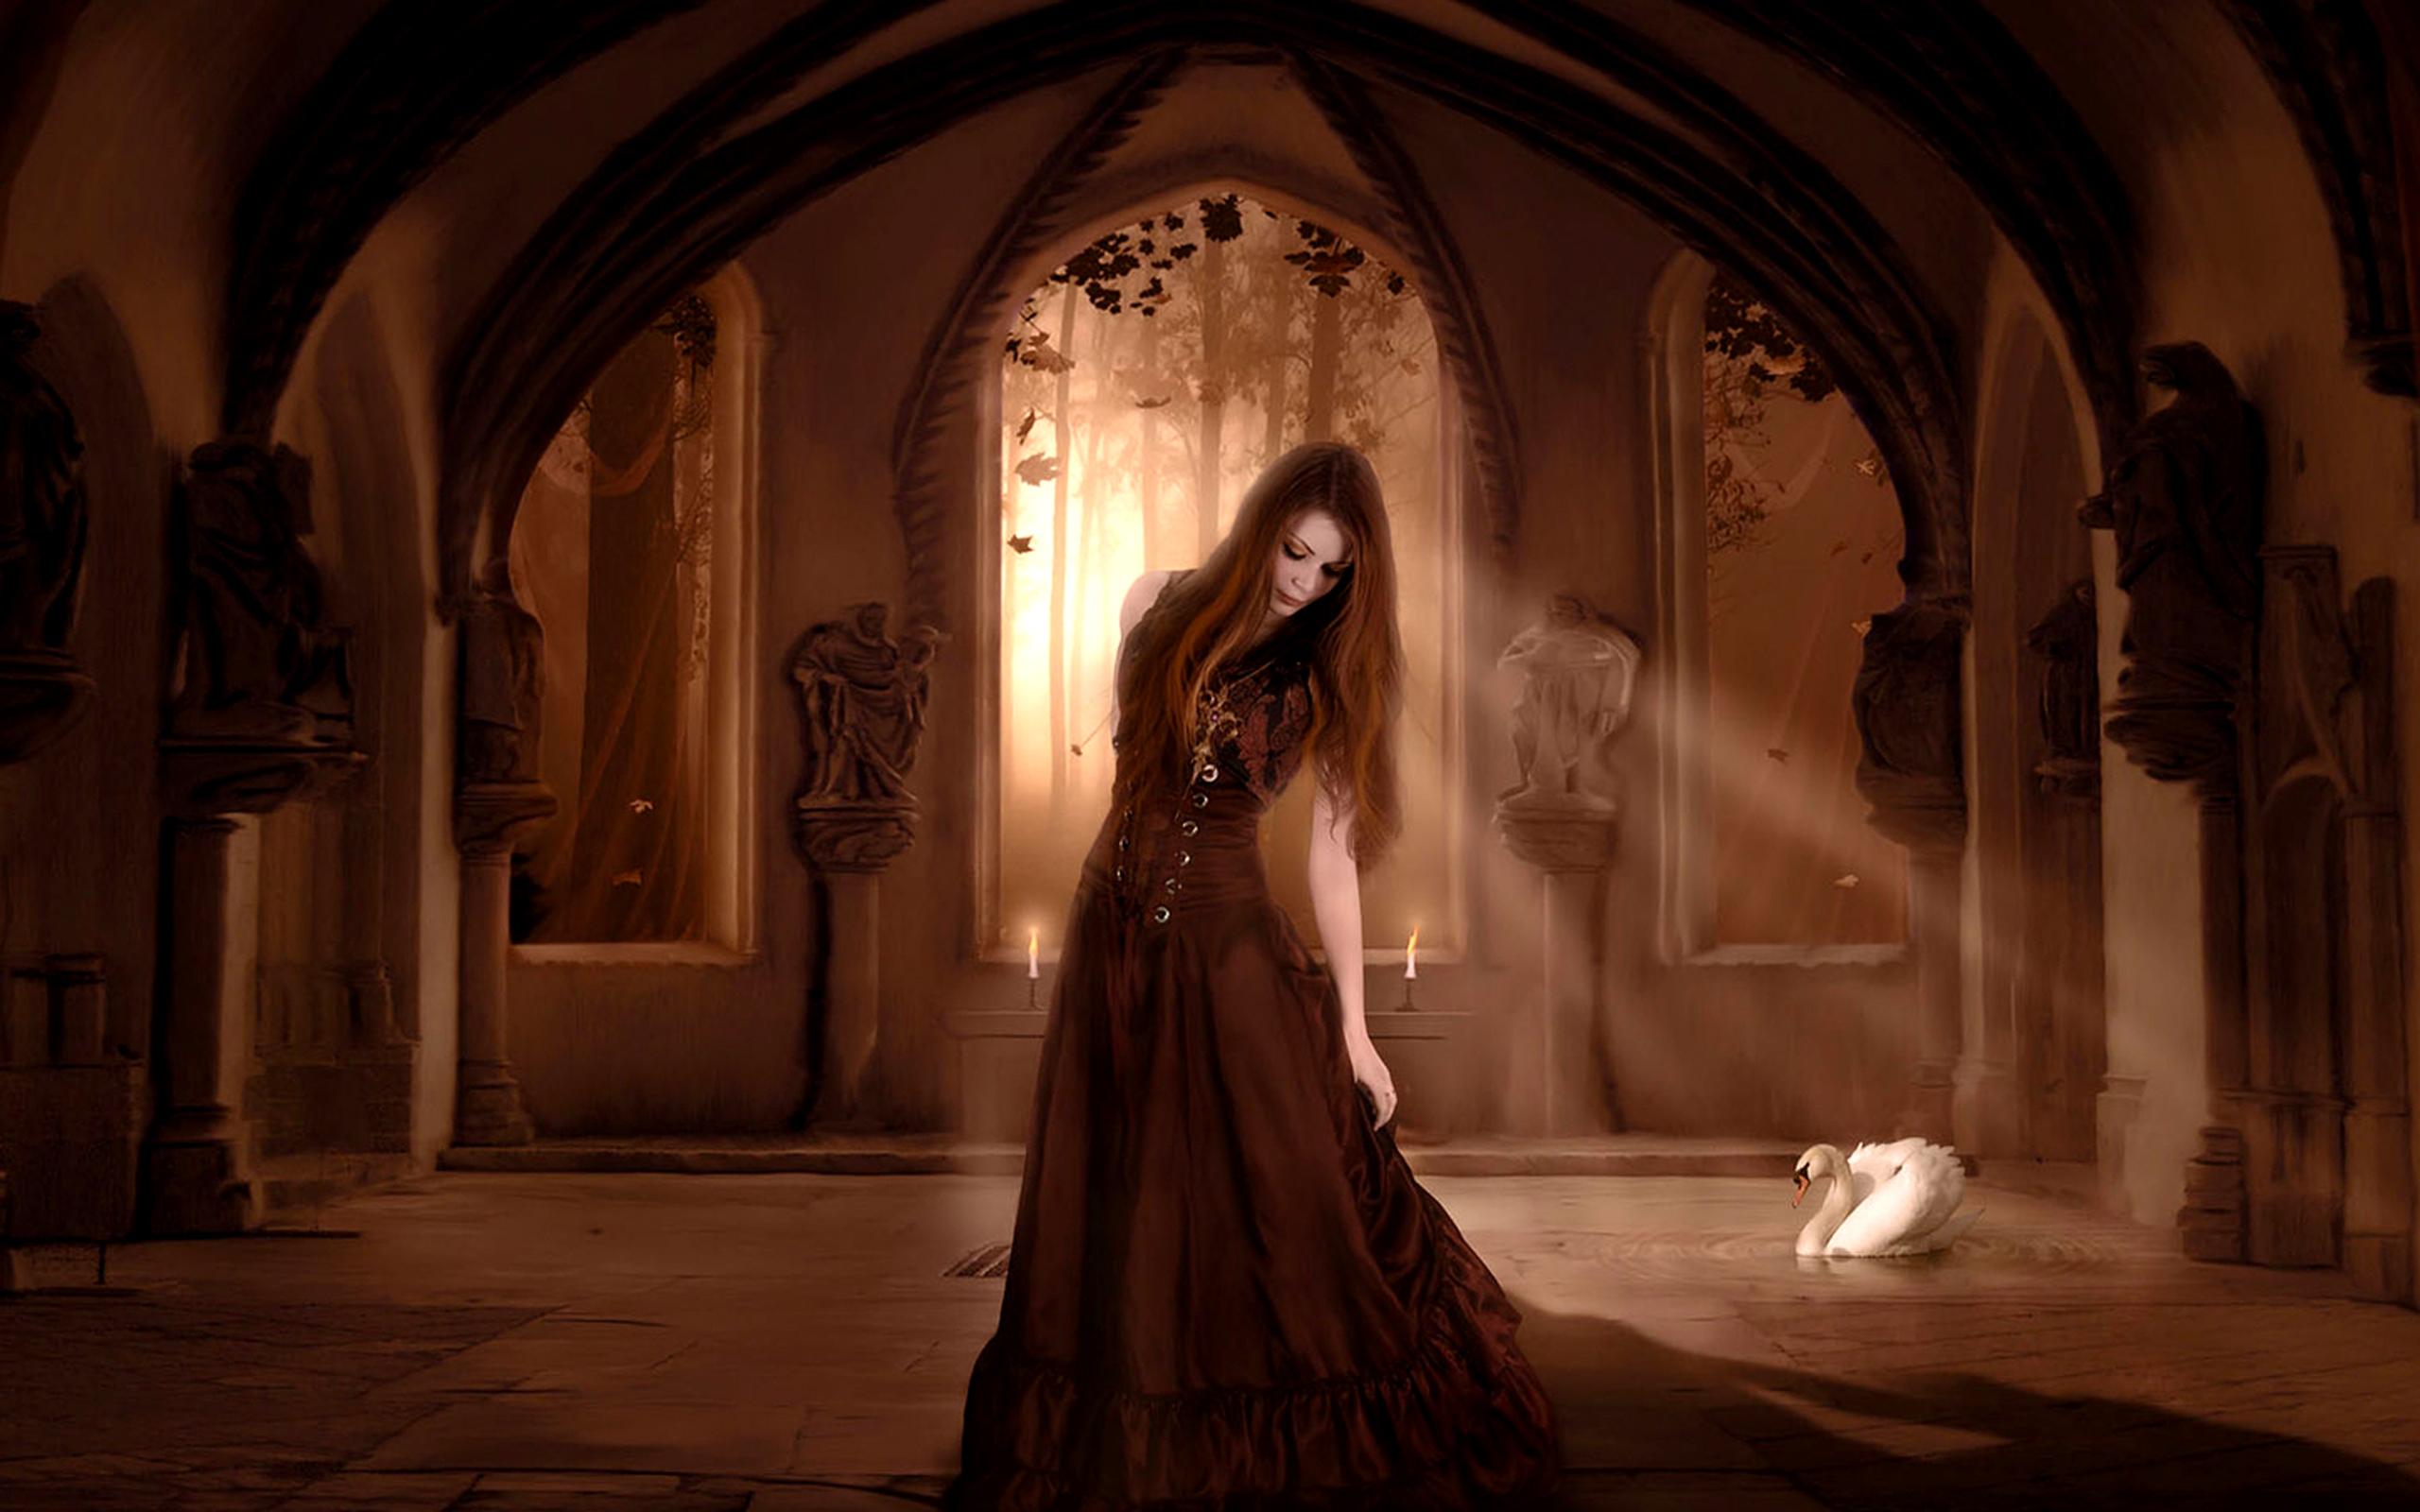 Фото девушек в замке 5 фотография